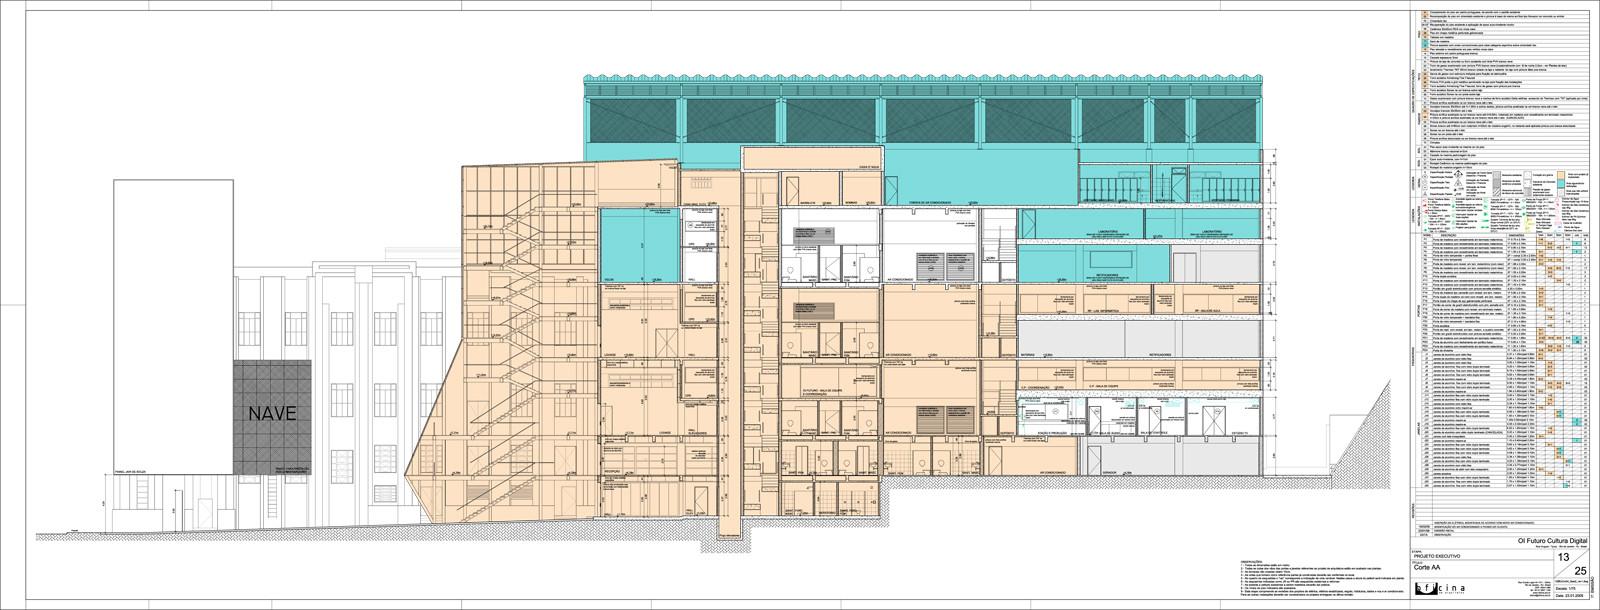 Gallery of Escola Nave / Atelier OFICINA de Arquitectos - 29